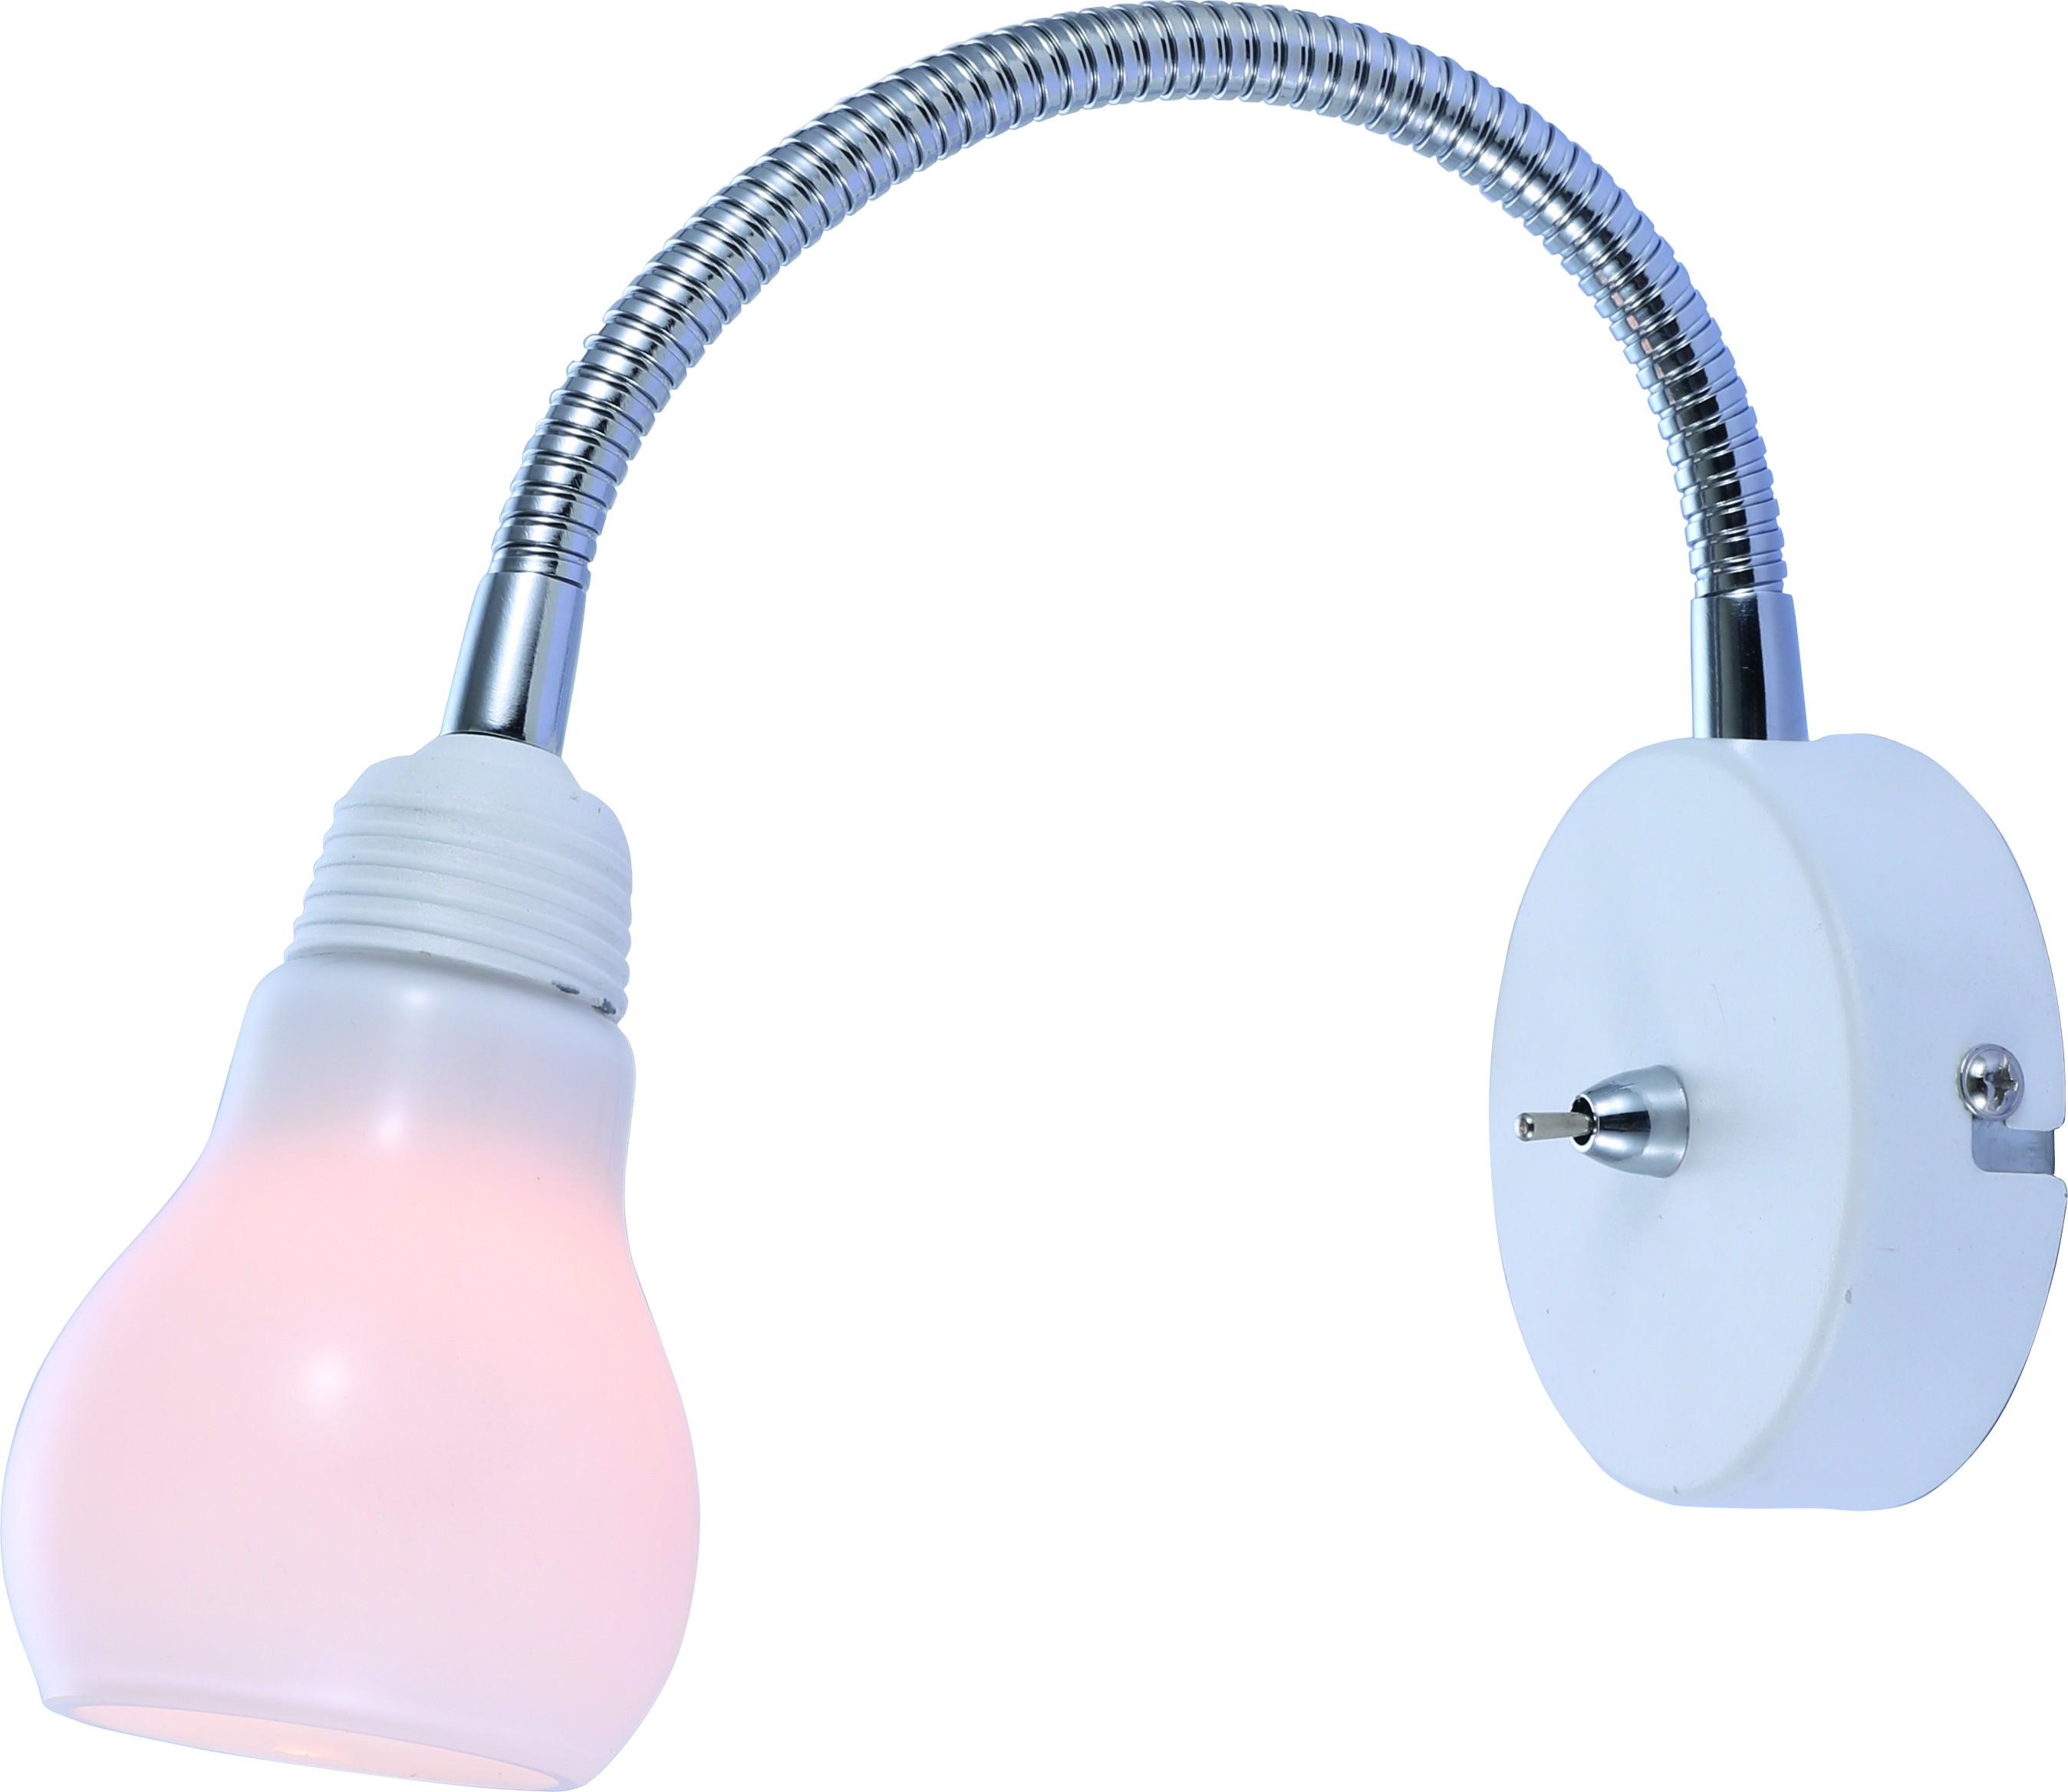 все цены на Бра Arte lamp A5271ap-1wh онлайн